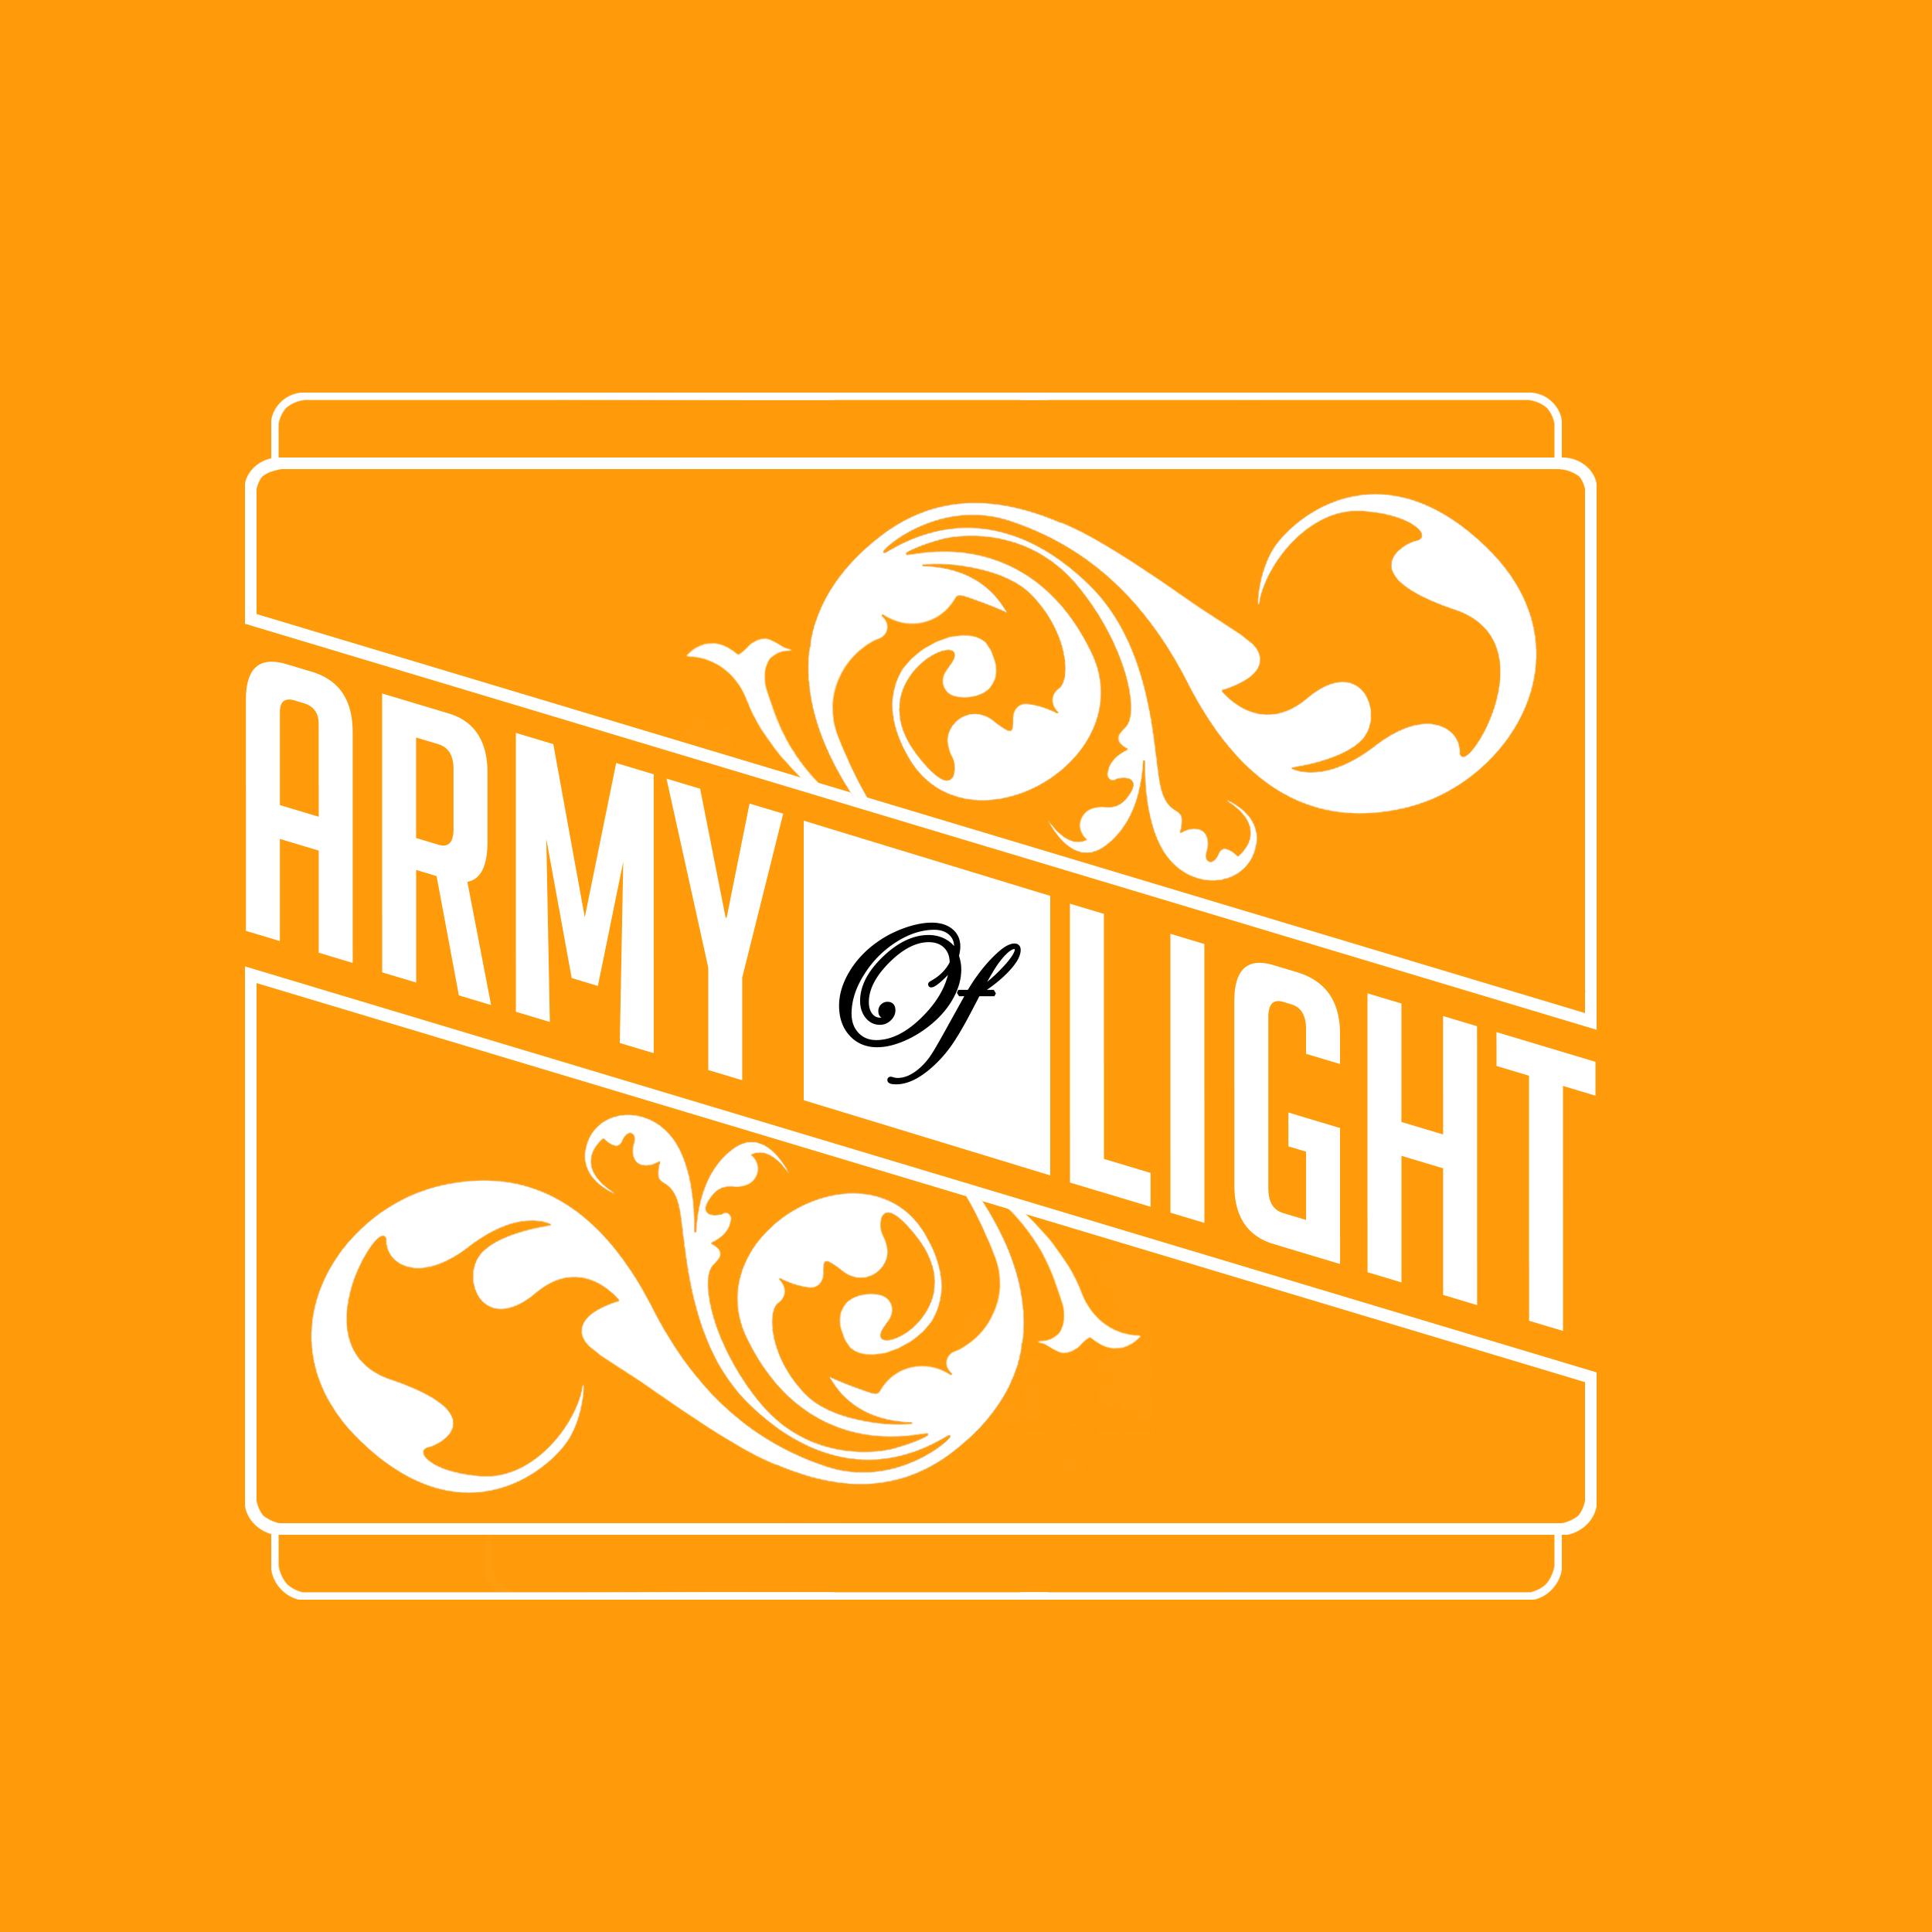 Business logo design techfameplus.com